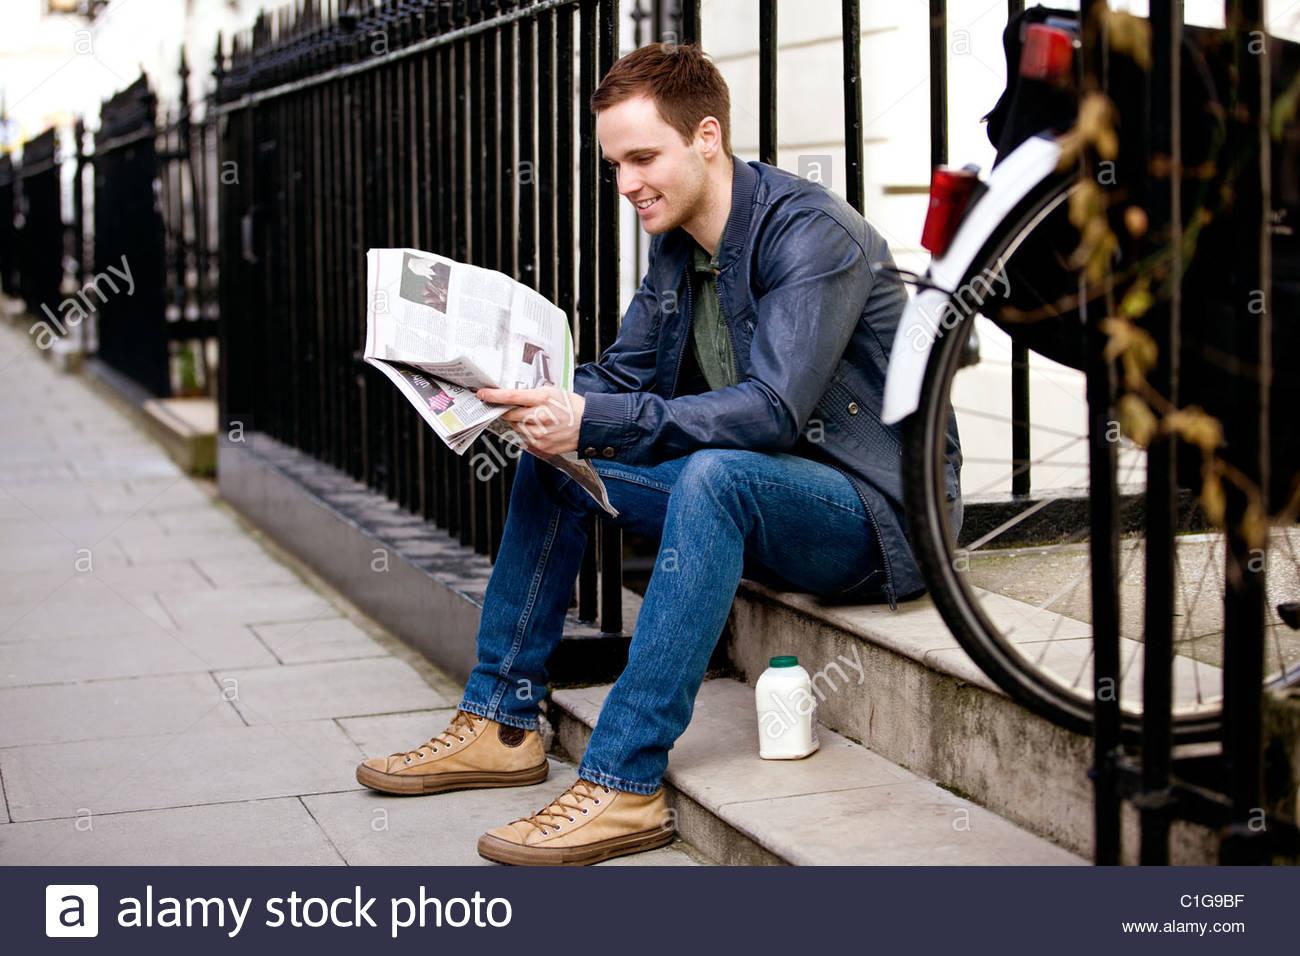 Un giovane uomo seduto su un gradino, leggendo un giornale Immagini Stock